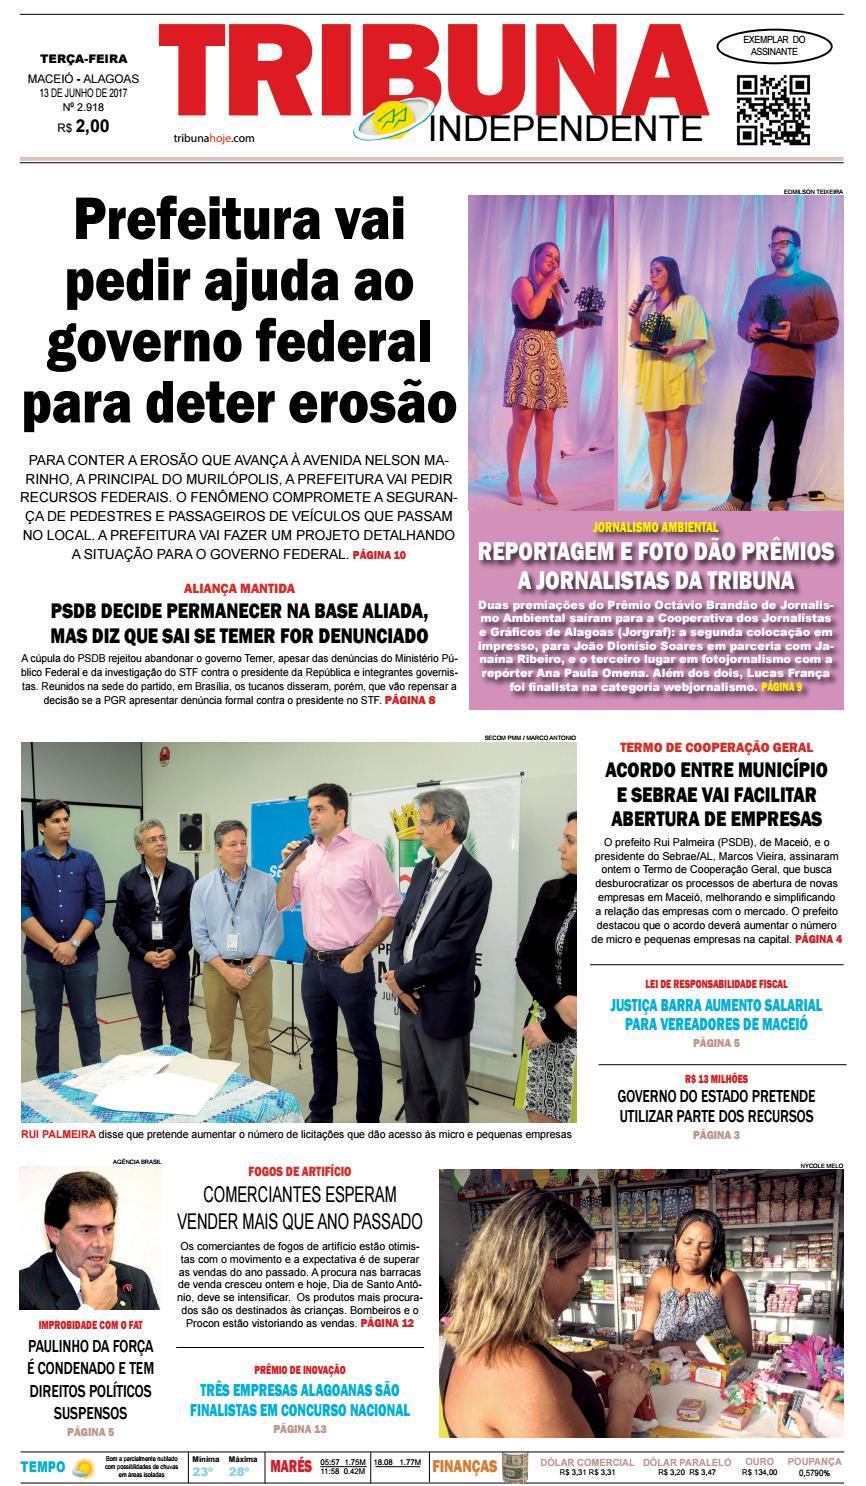 Edição número 2918 - 13 de junho de 2017 by Tribuna Hoje - issuu 497852ee9634a